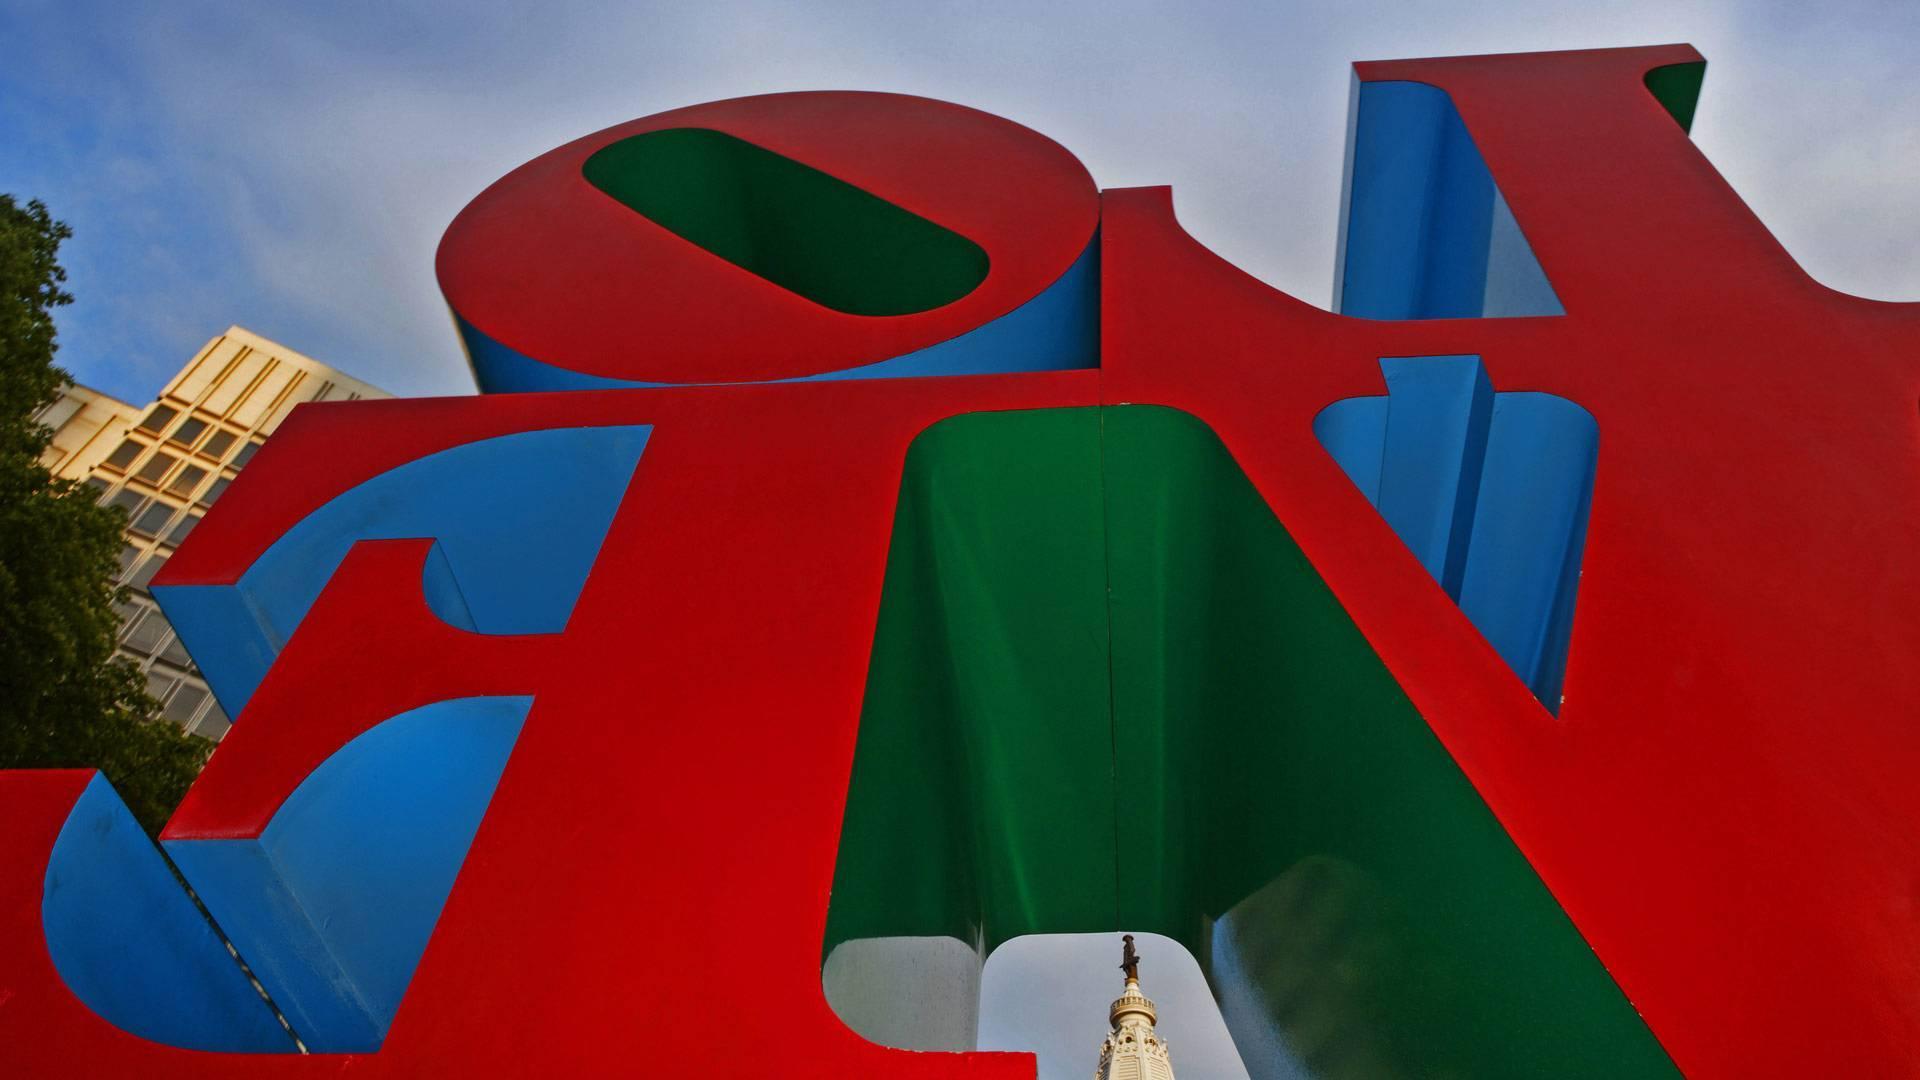 费城爱心公园内的罗伯特·印第安纳的雕塑Love